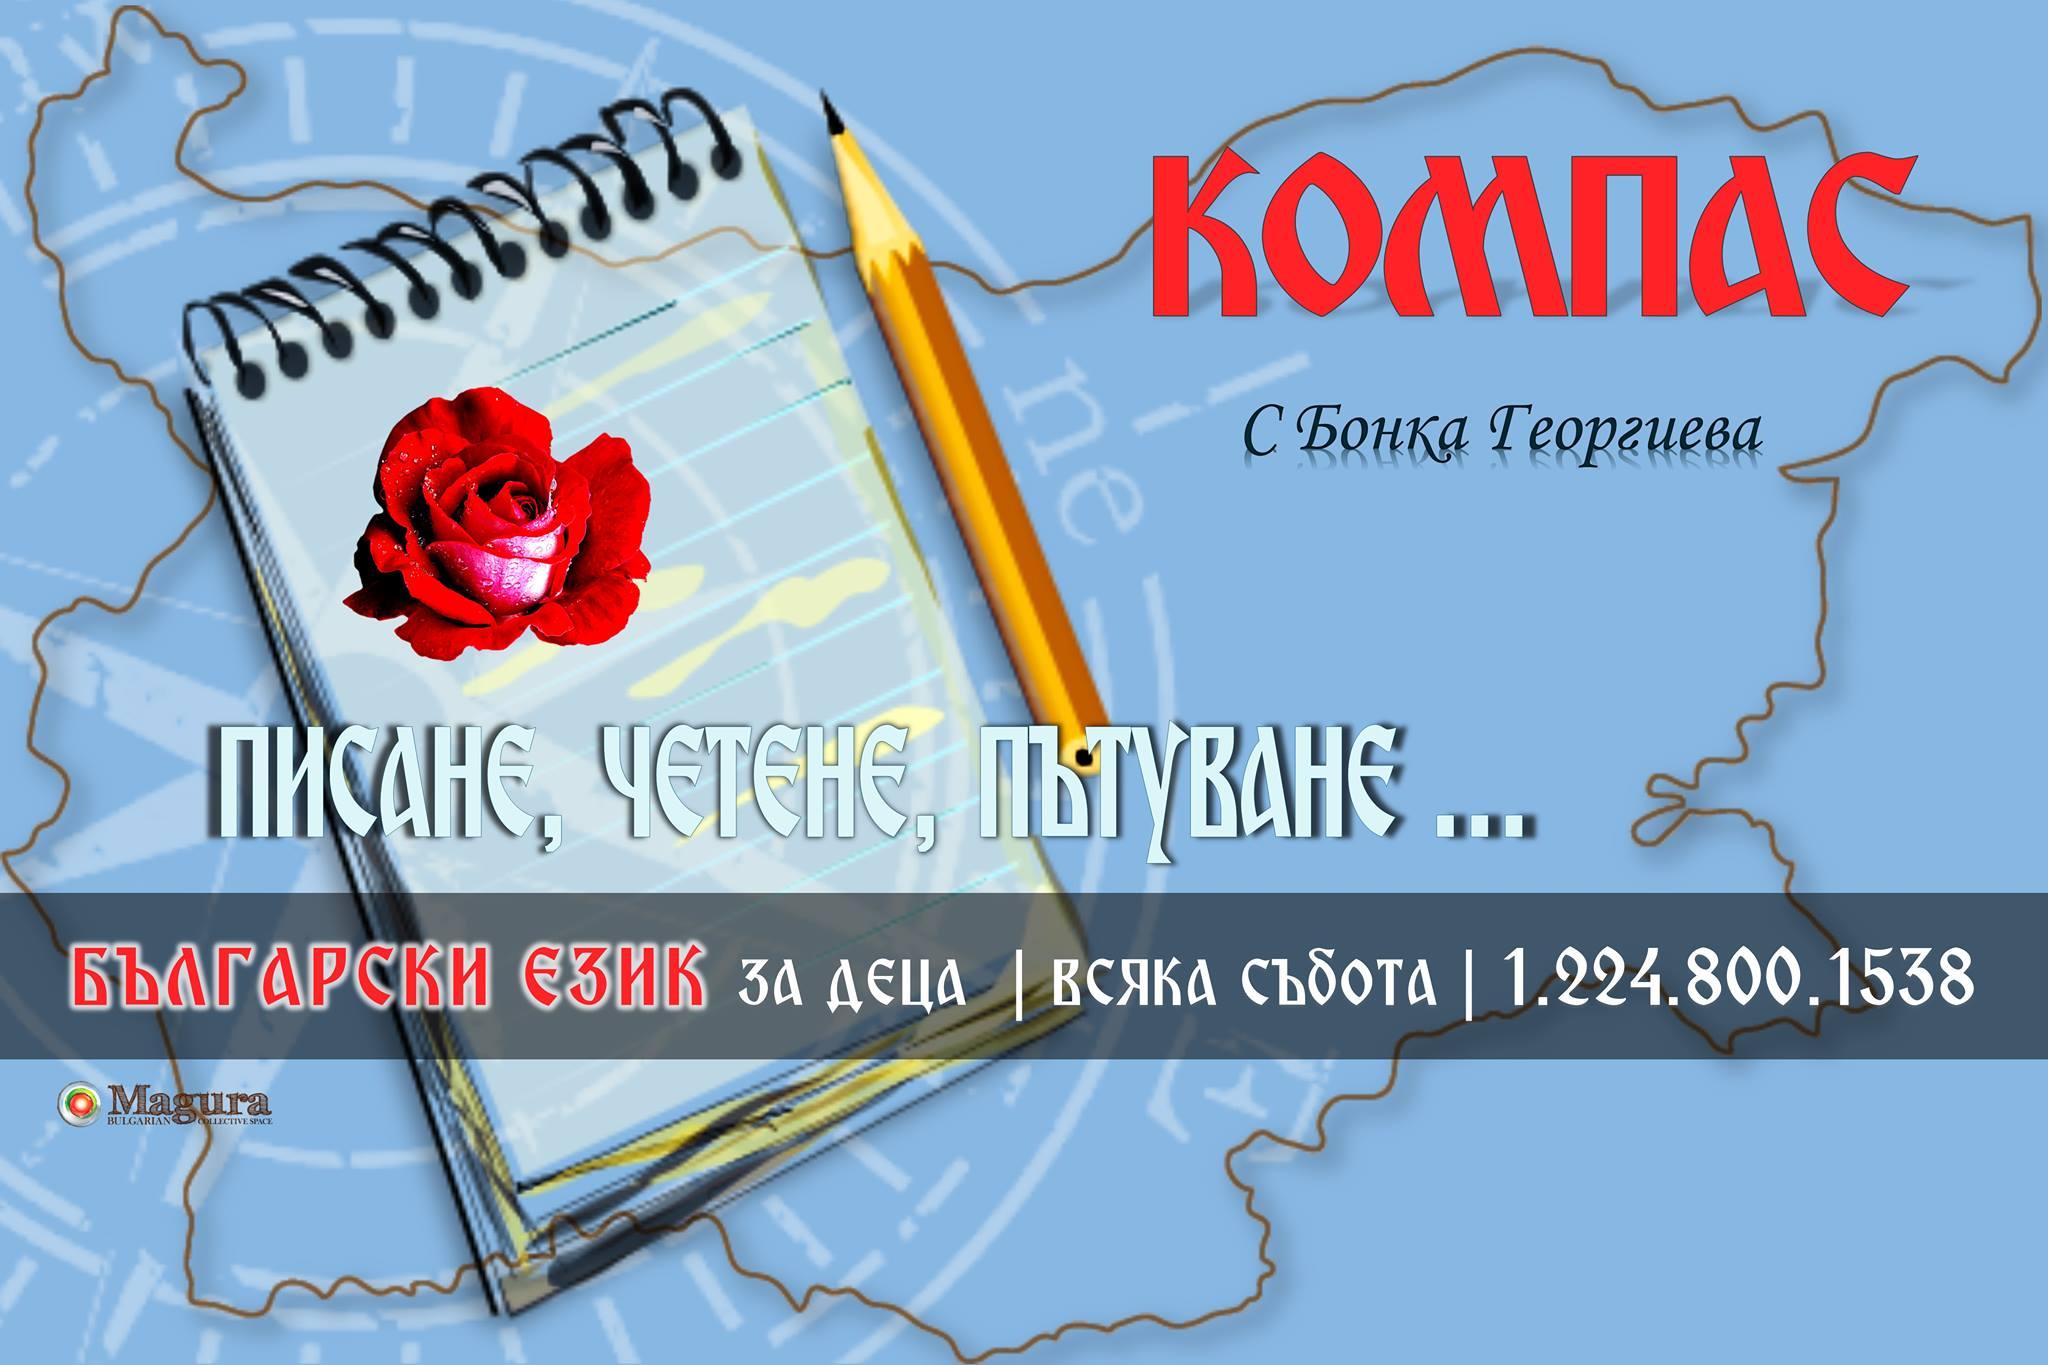 KOMPAS-3.jpg